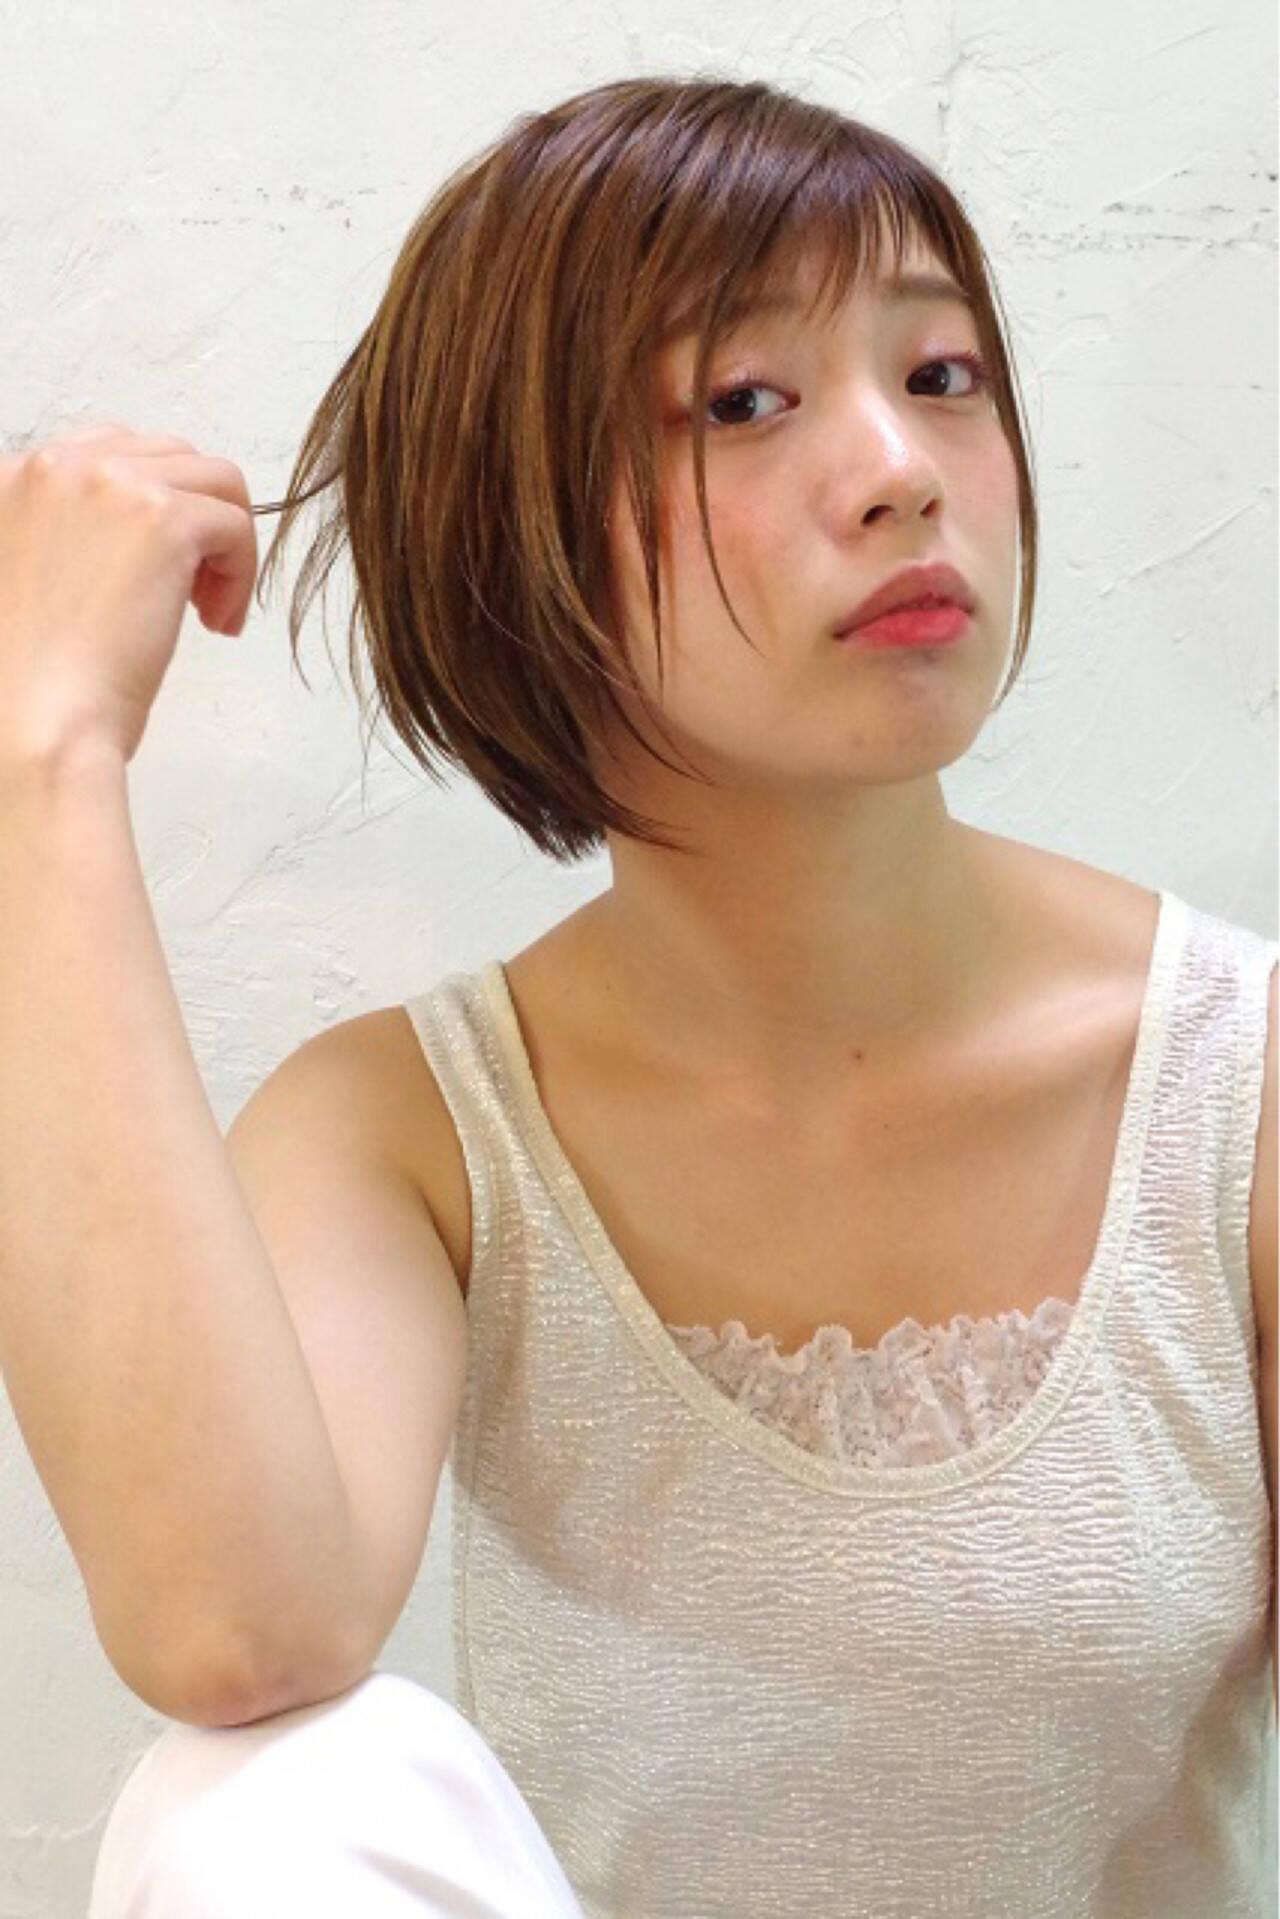 ピュア アッシュ ショート ハイライトヘアスタイルや髪型の写真・画像